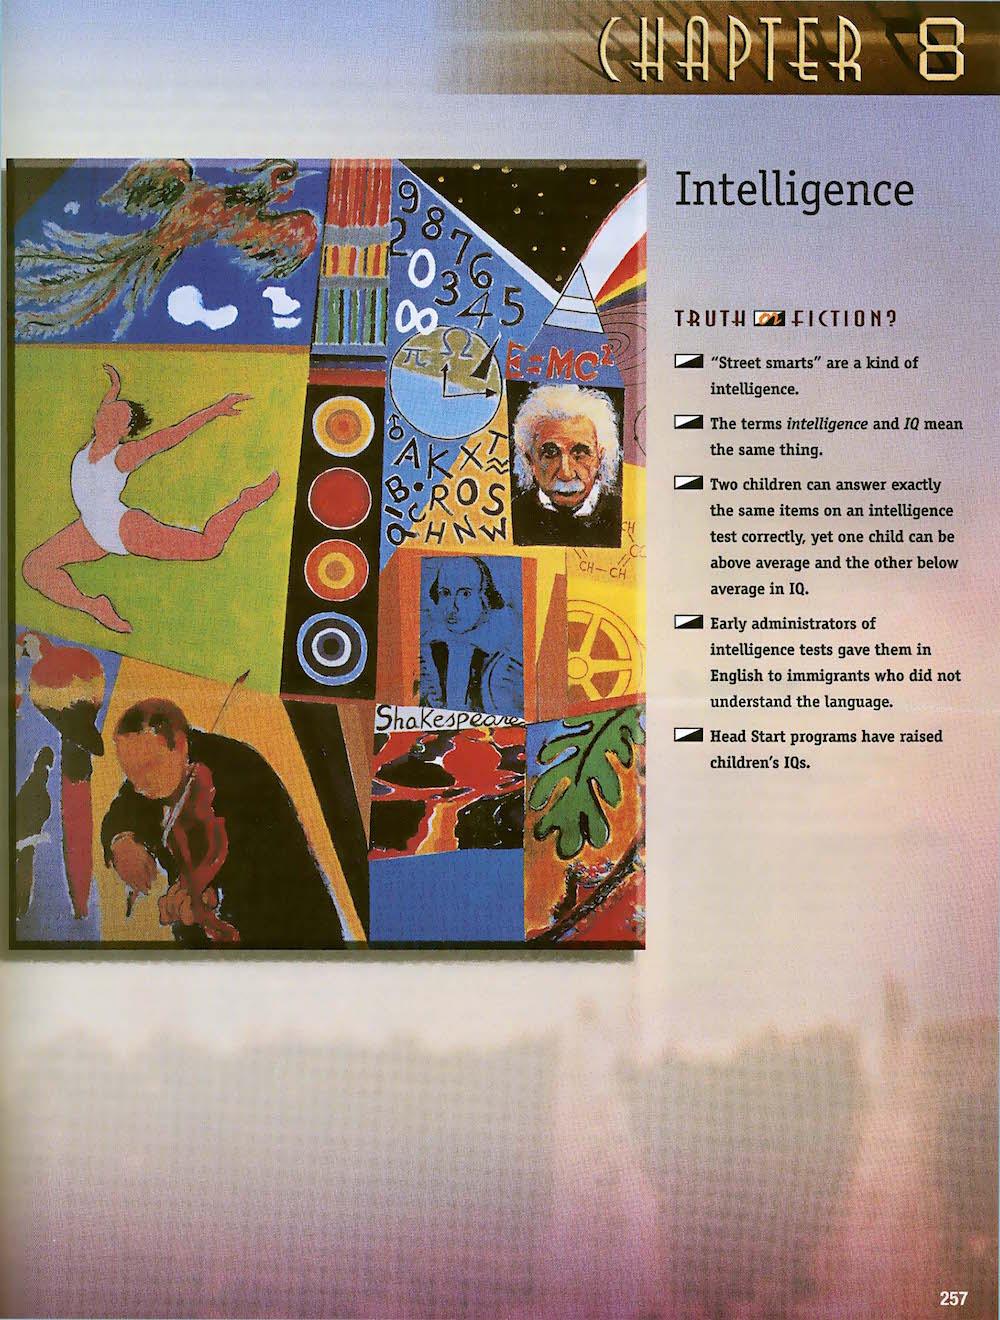 作為具歷史視野與文化使命感的藝術大師,陳錦芳博士畢生從事於反應人類的成就以及促進全球文化和諧及進步的藝術創作。這幅「人類文明的躍昇(慶祝教育的文化)」是陳氏「新意像派」風格的代表作之一,並表現了他對人類的關愛。這件作品在世界各地廣被宣揚, 從不少學校的壁畫到許多課本的封面等。